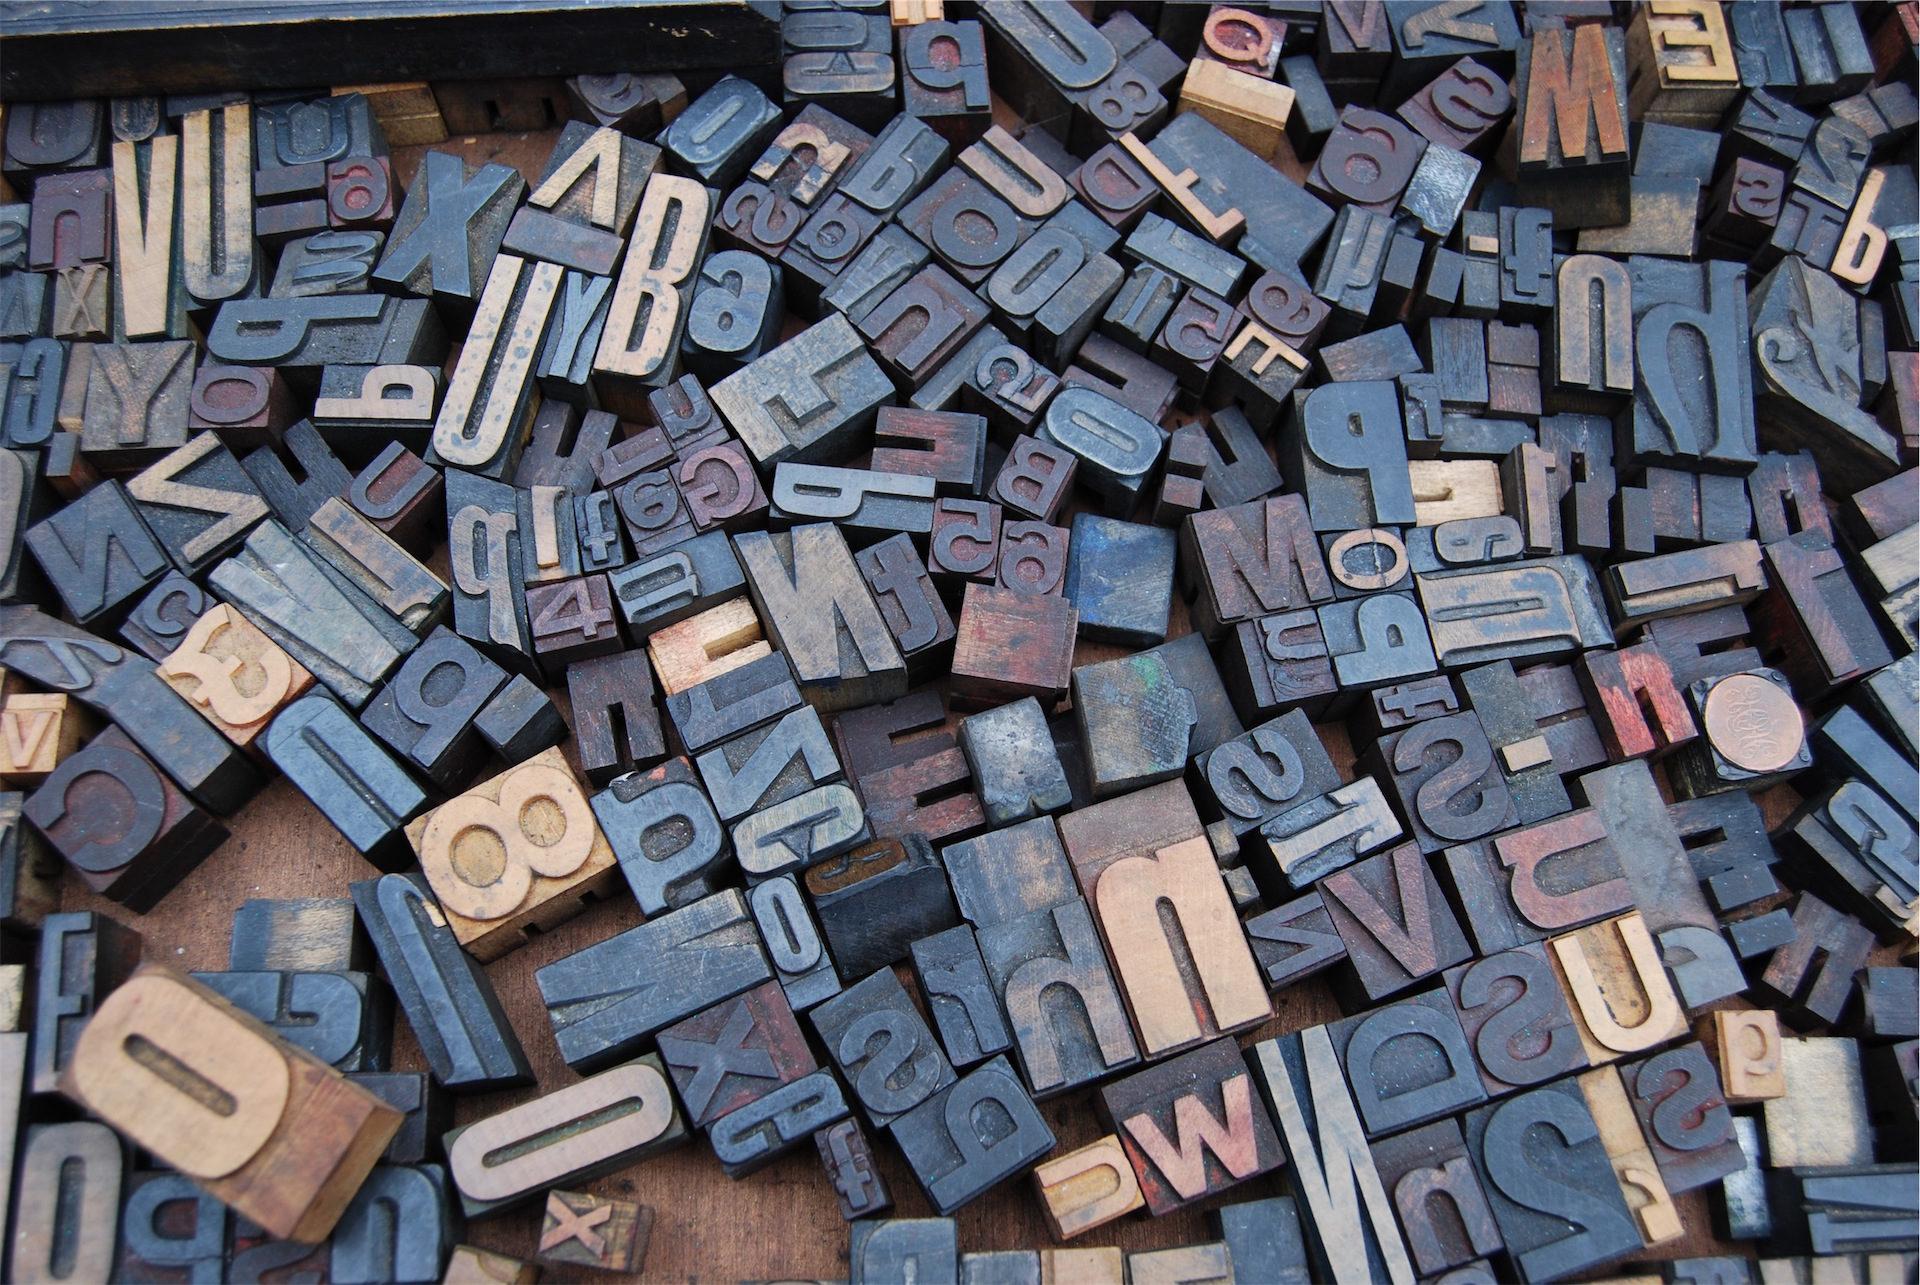 paroles, bois, symboles, alphabet, blocs - Fonds d'écran HD - Professor-falken.com